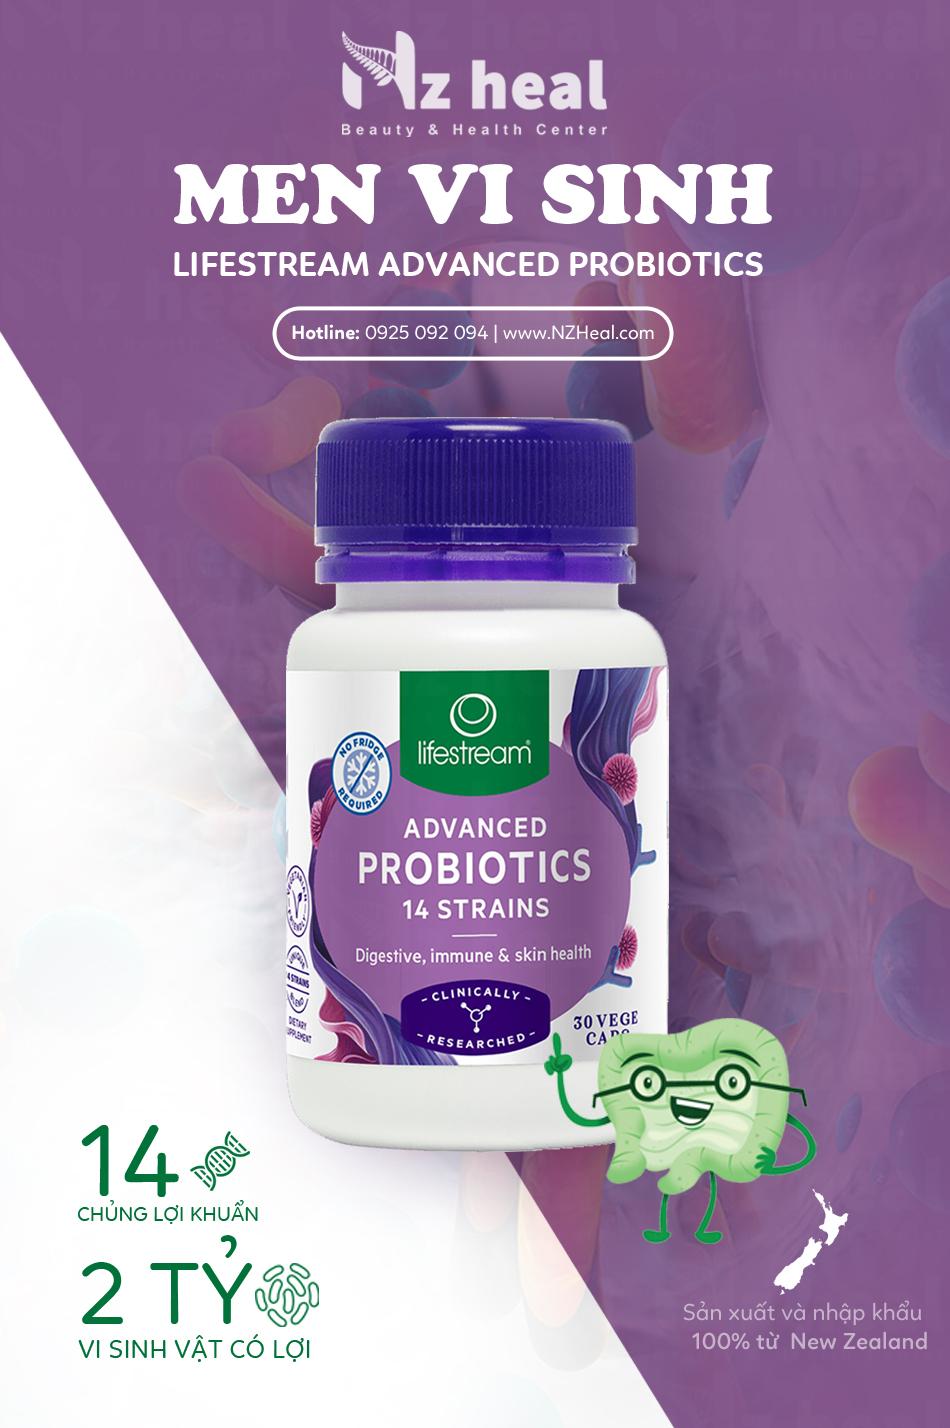 Viên uống men vi sinh Lifestream Advanced Probiotic hỗ trợ tiêu hóa